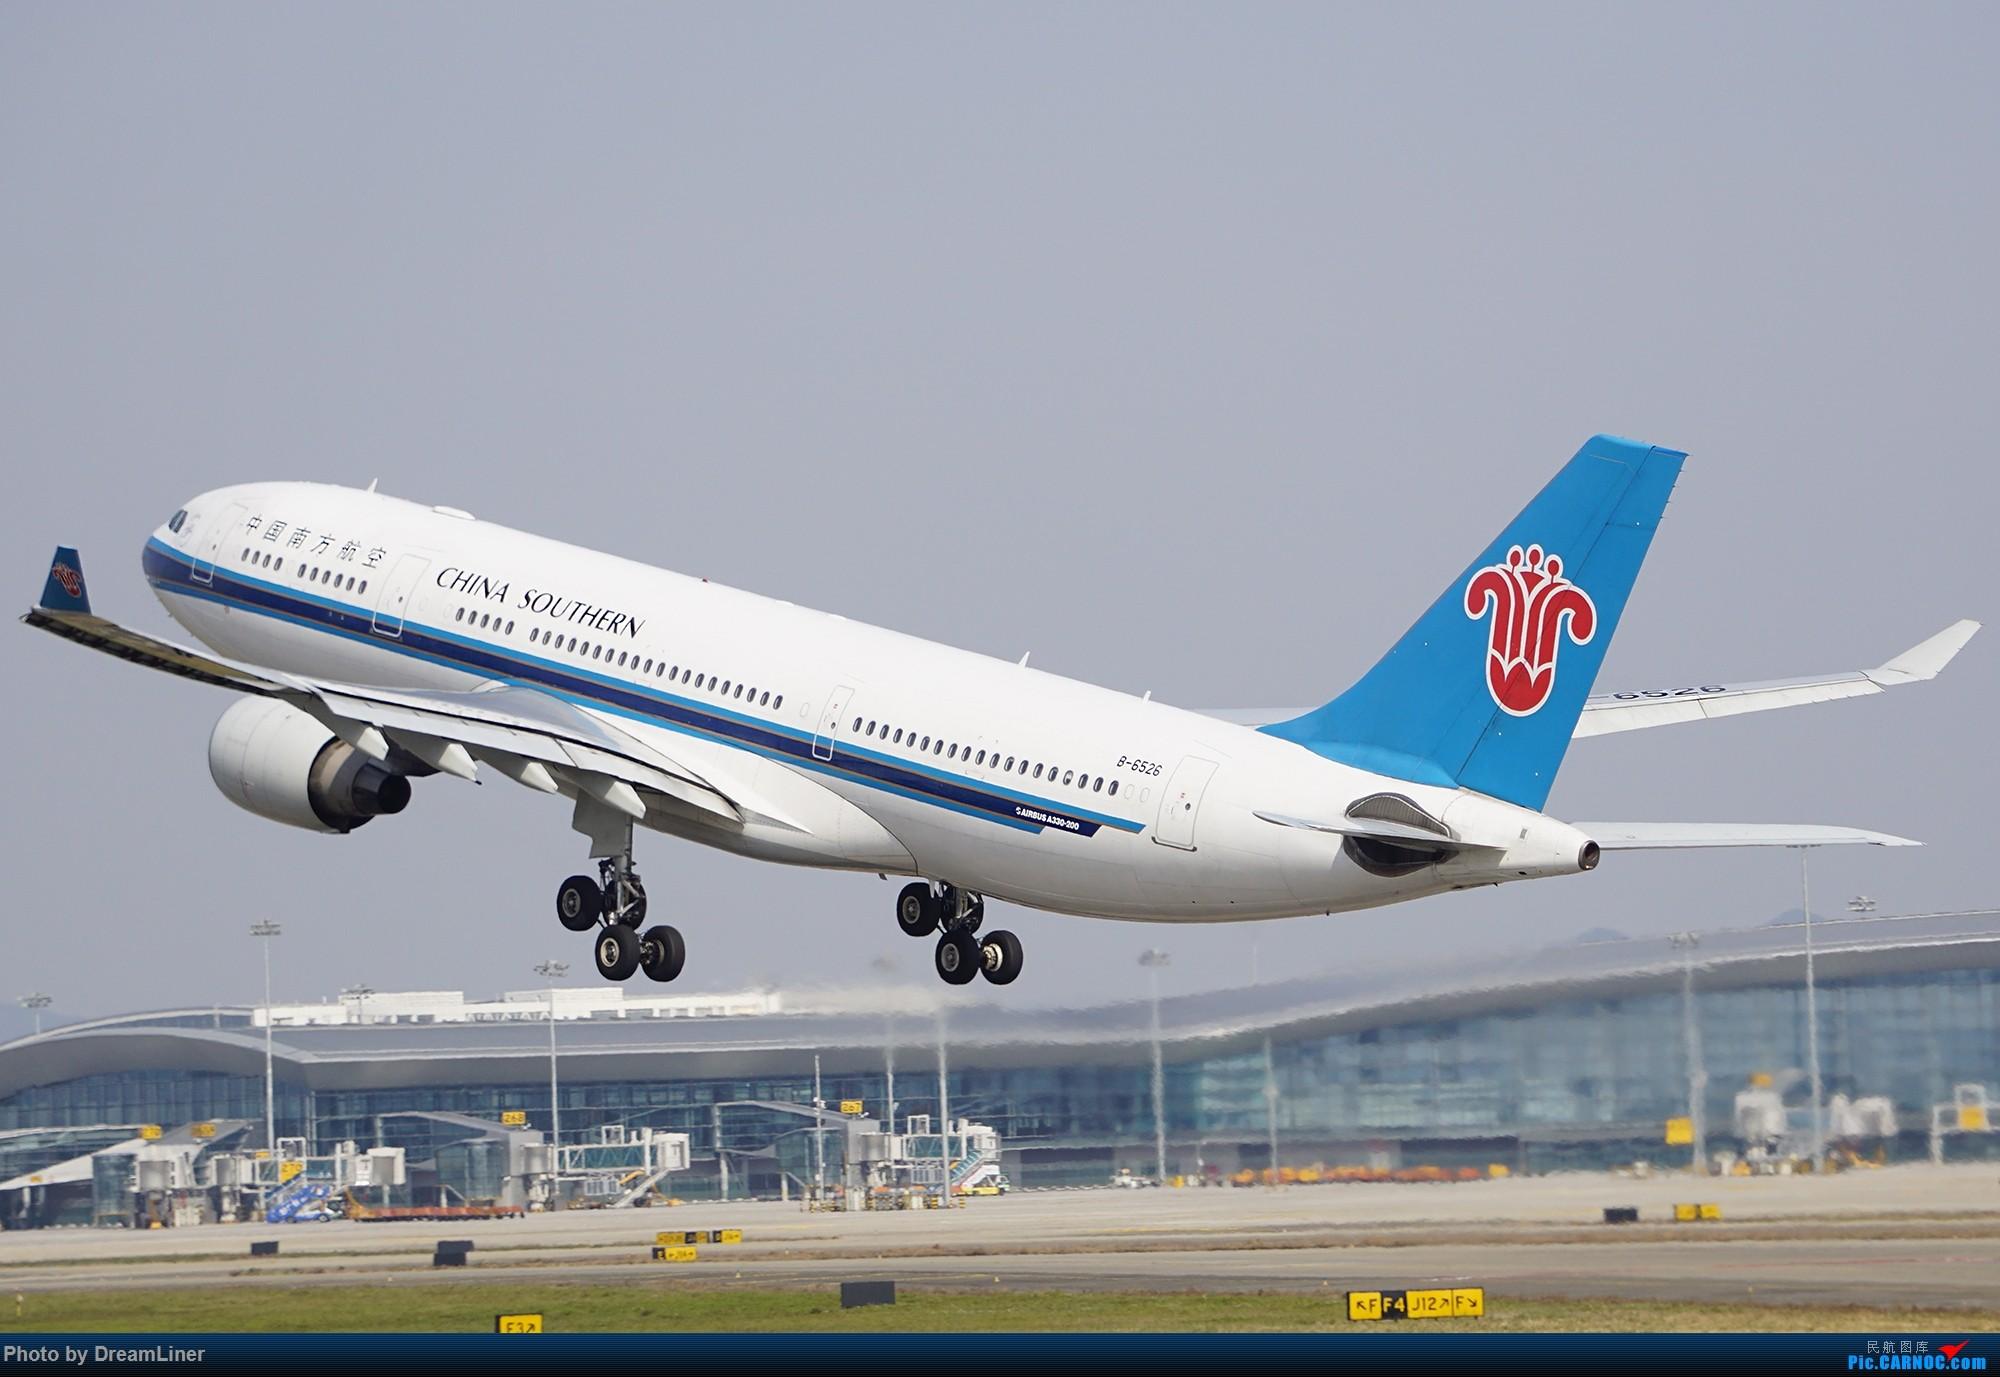 Re:[原创]17年暑假和今年寒假的ZGGG拍机成果 AIRBUS A330-200 B-6526 中国广州白云国际机场